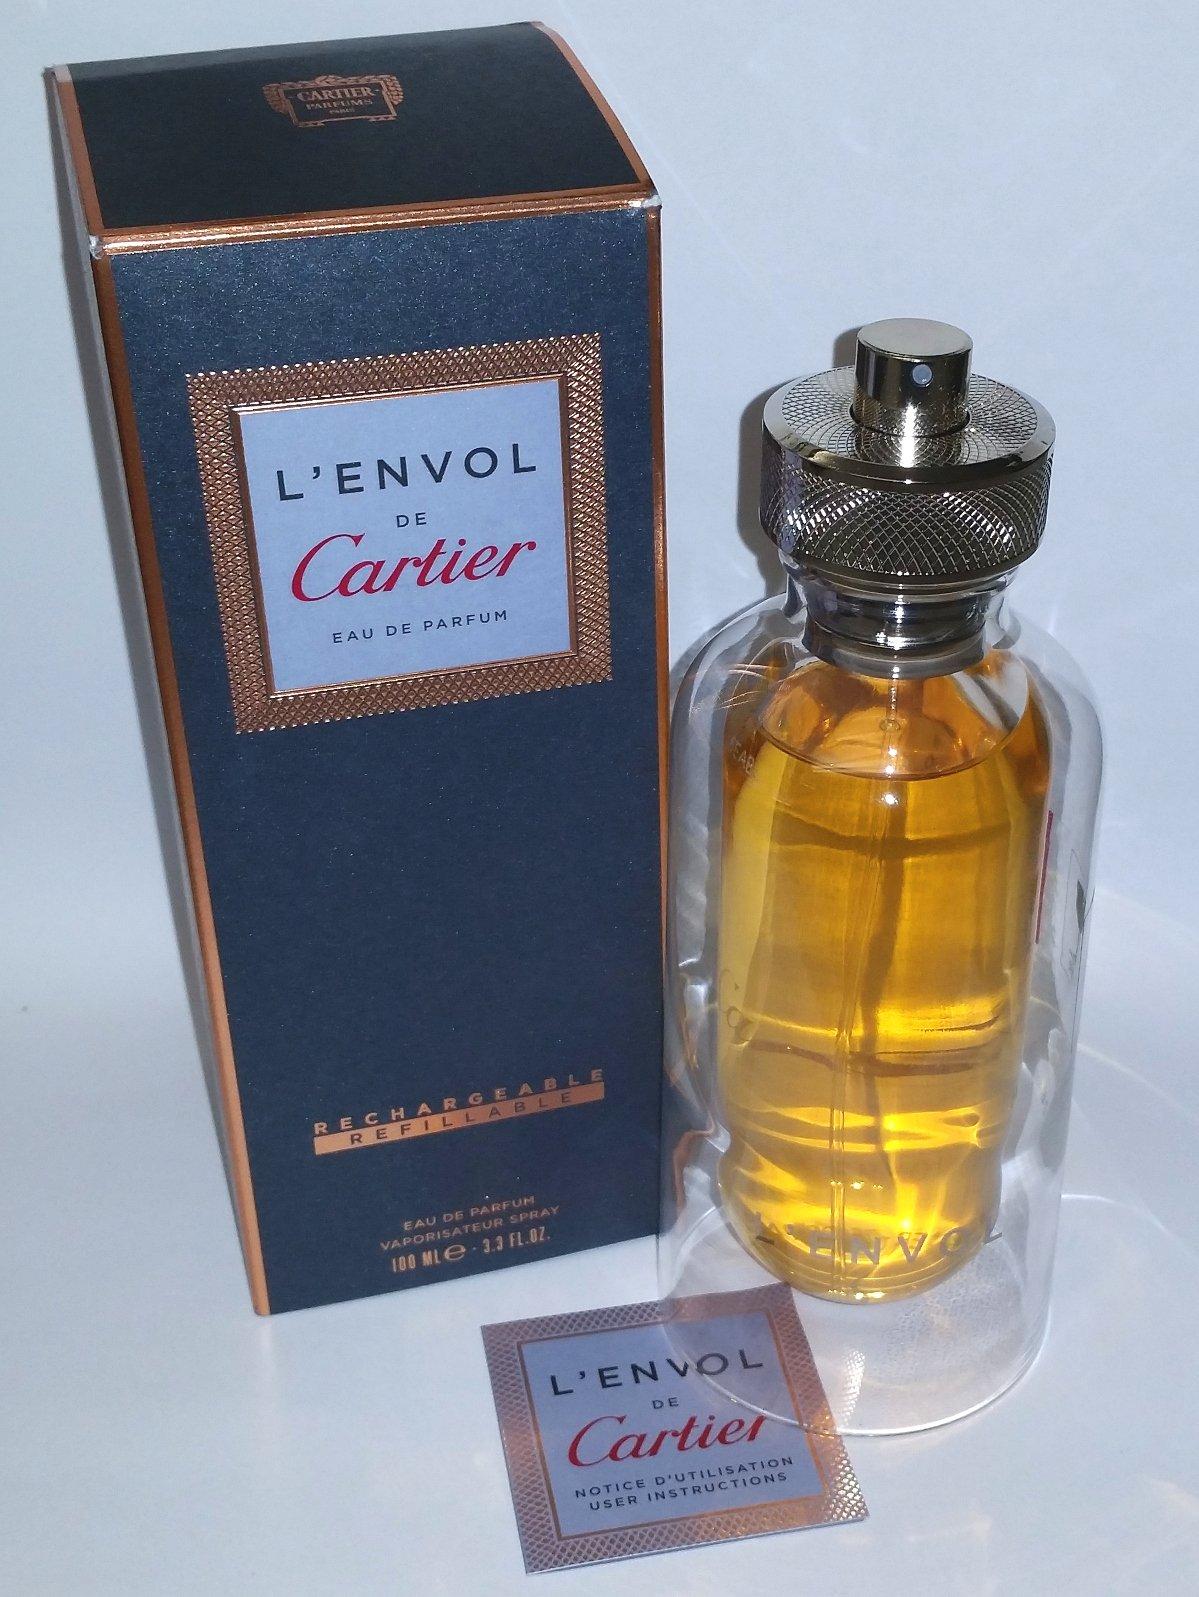 f3ecf7954 عطر كارتير لونفول للرجال | Cartier L'envol